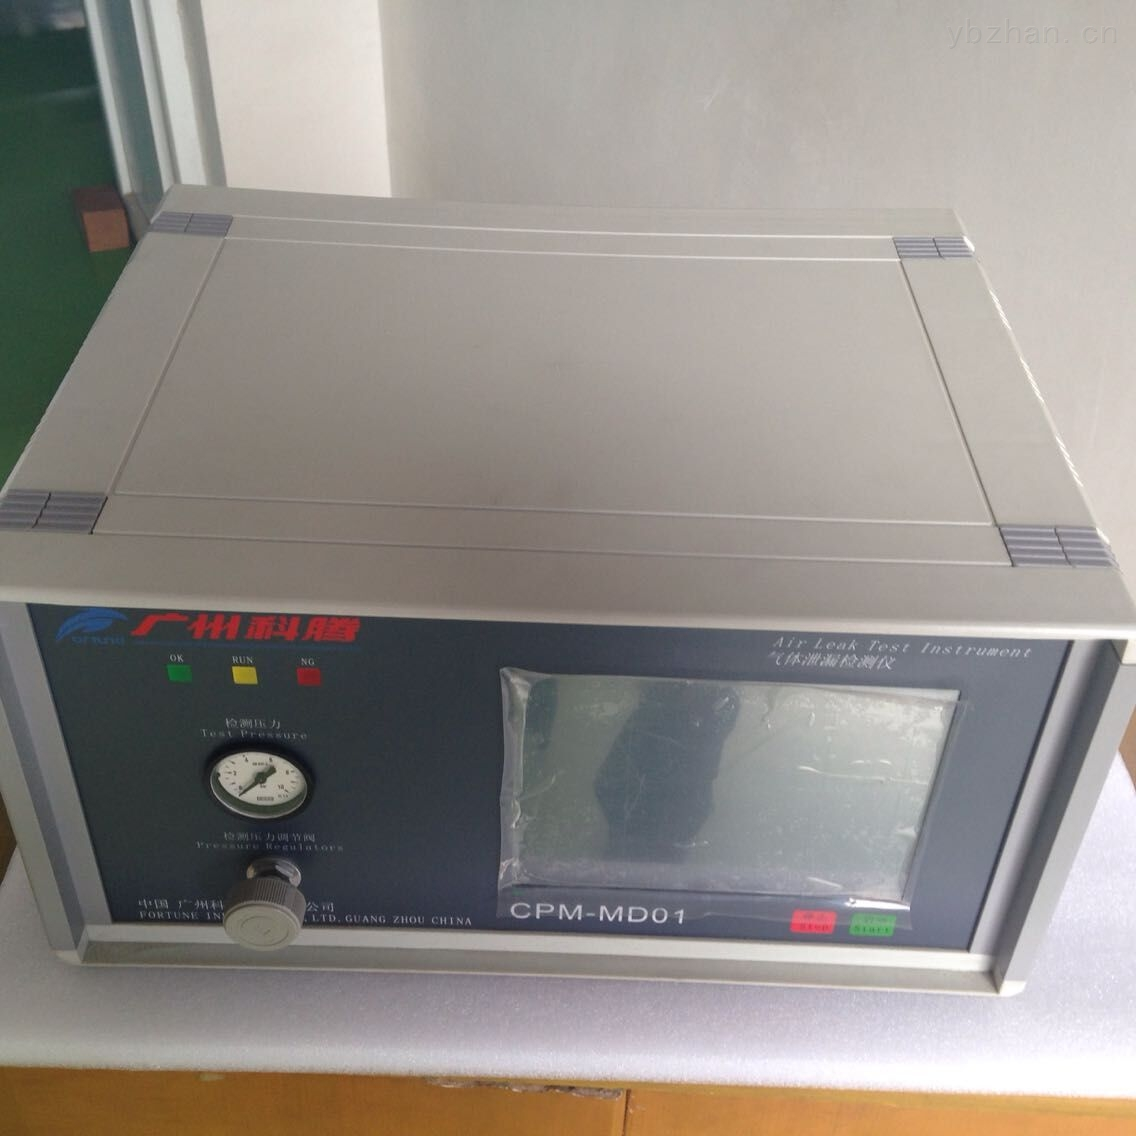 差压式气体泄漏检测仪CPM-MD01-A07